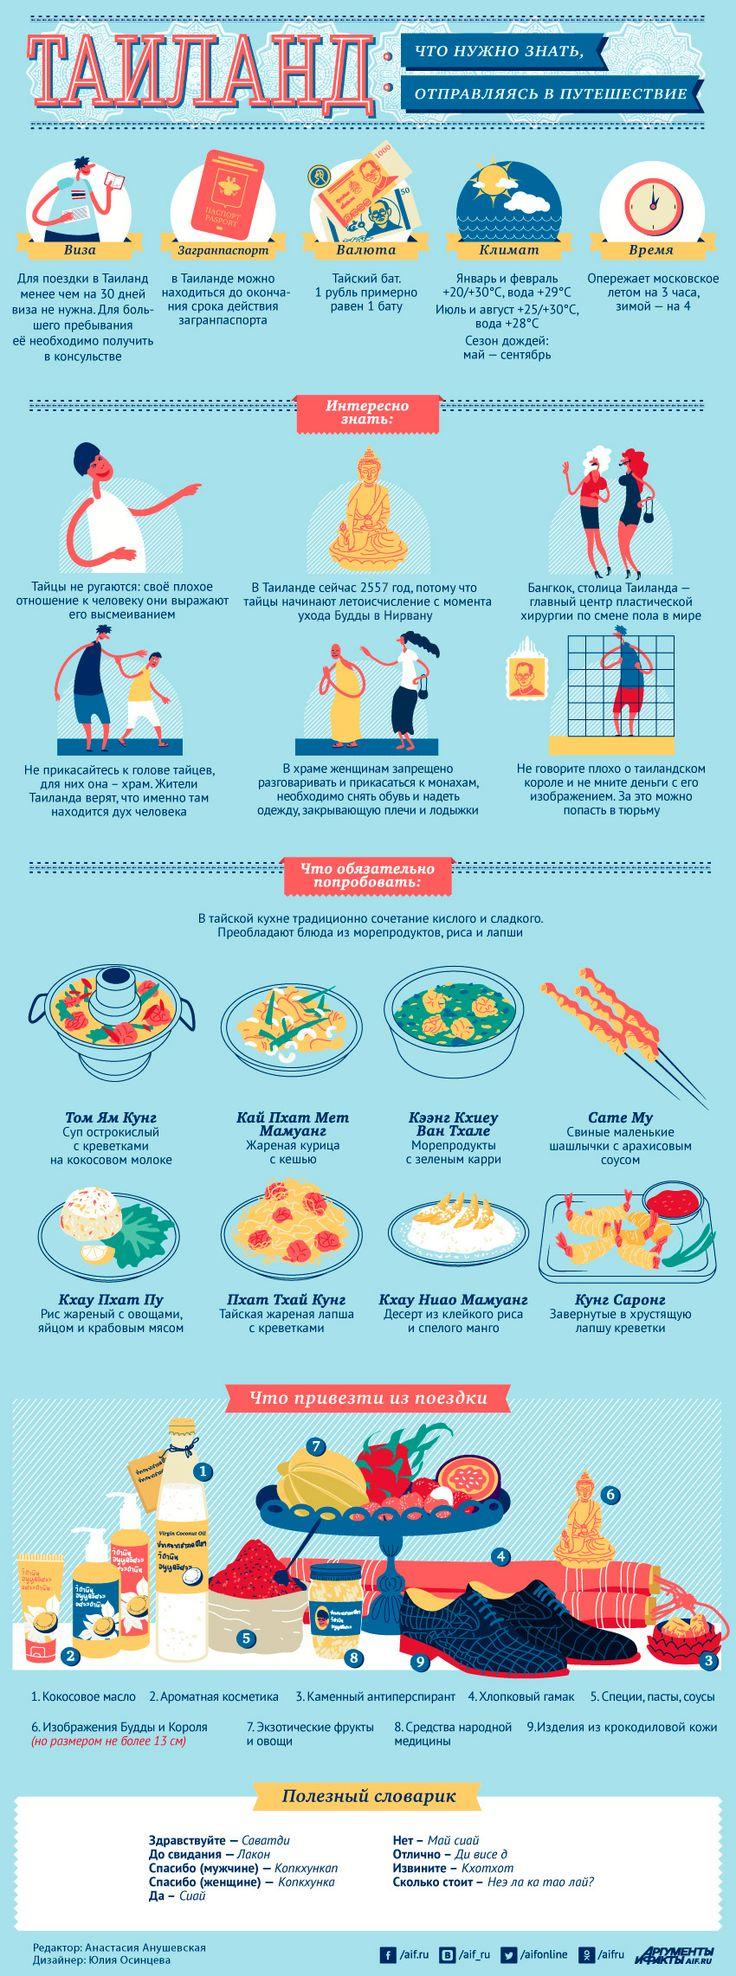 Таиланд: что нужно знать, отправляясь впутешествие? Инфографика #Таиланд